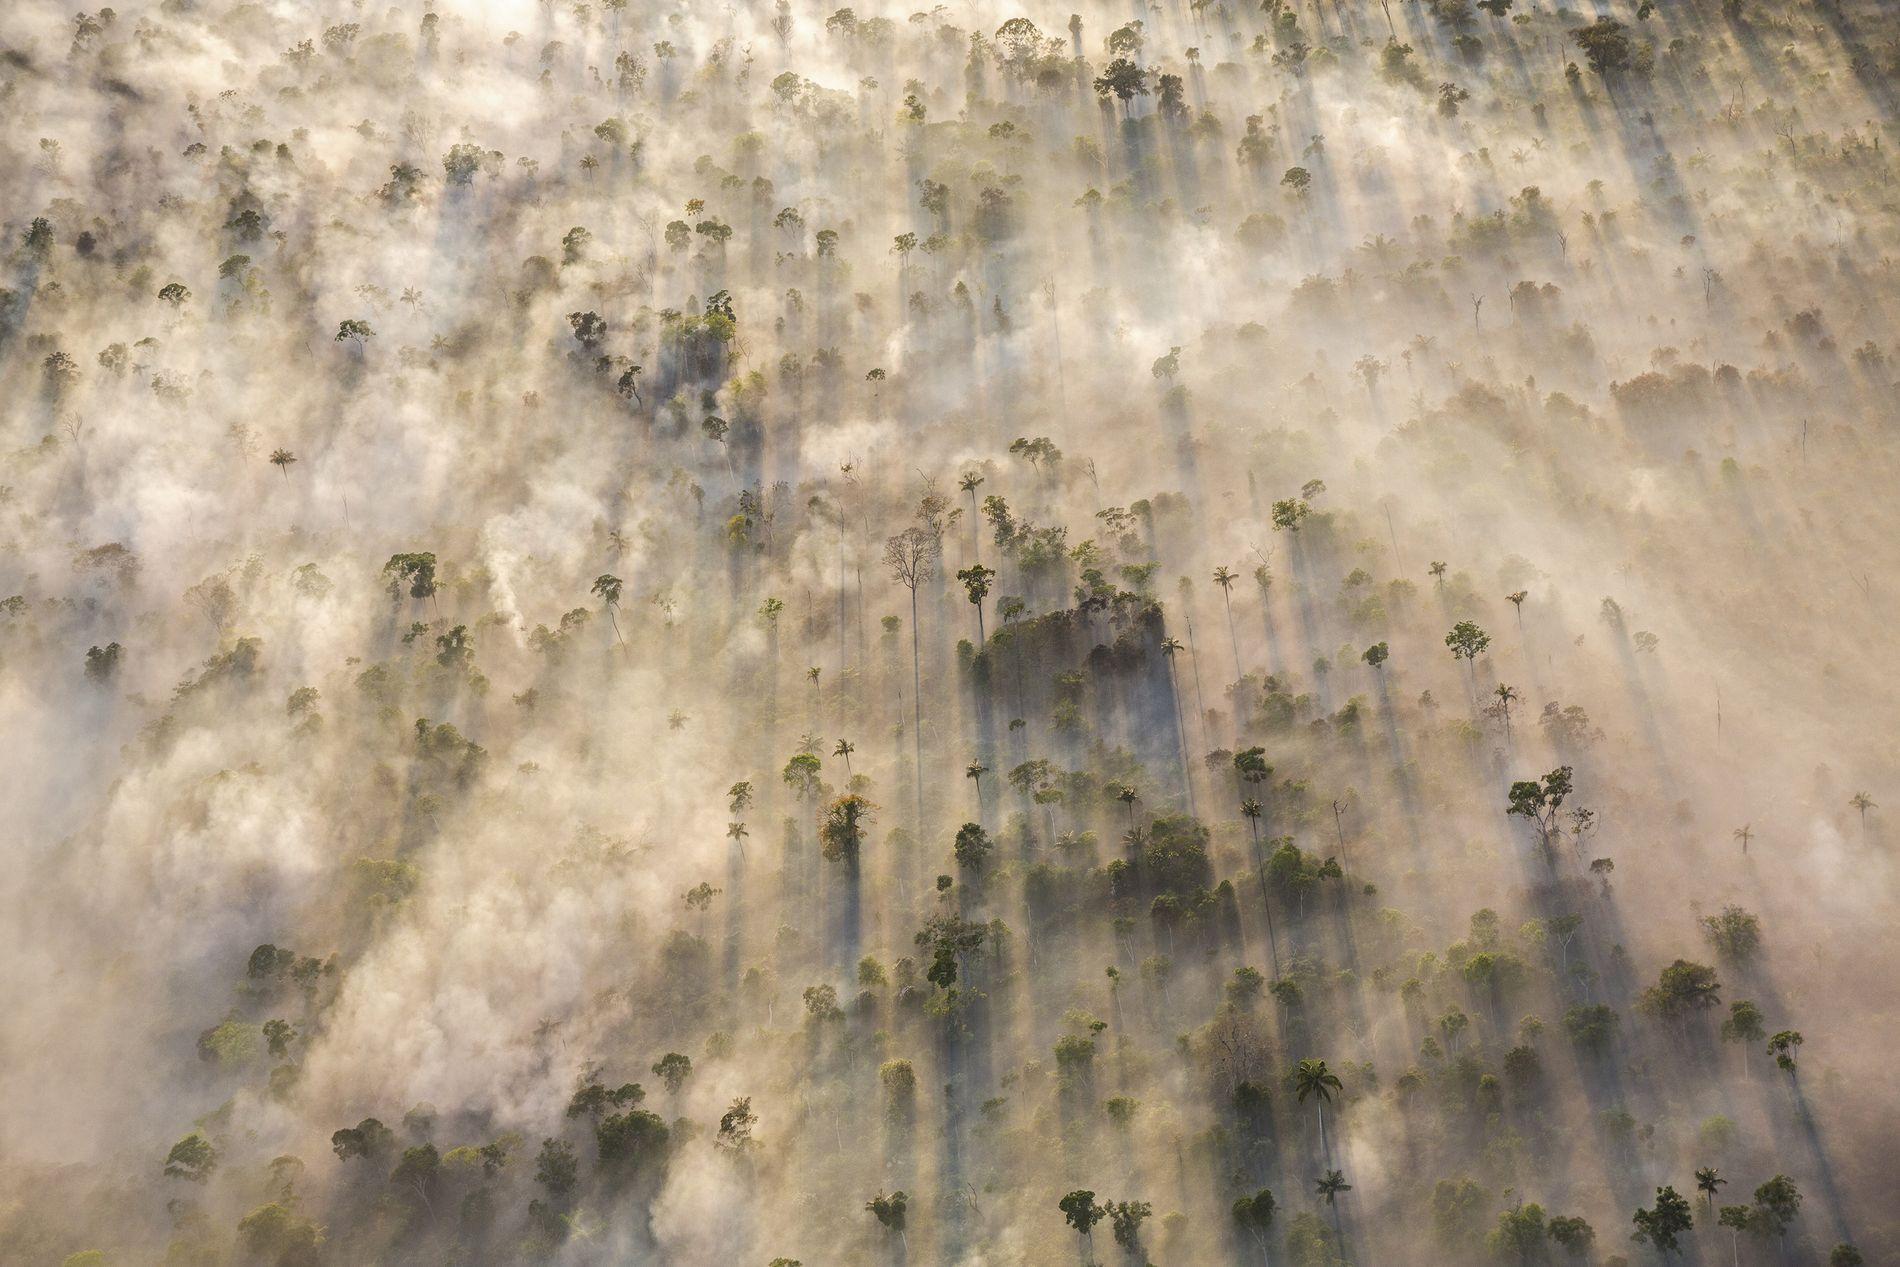 floresta amazonia